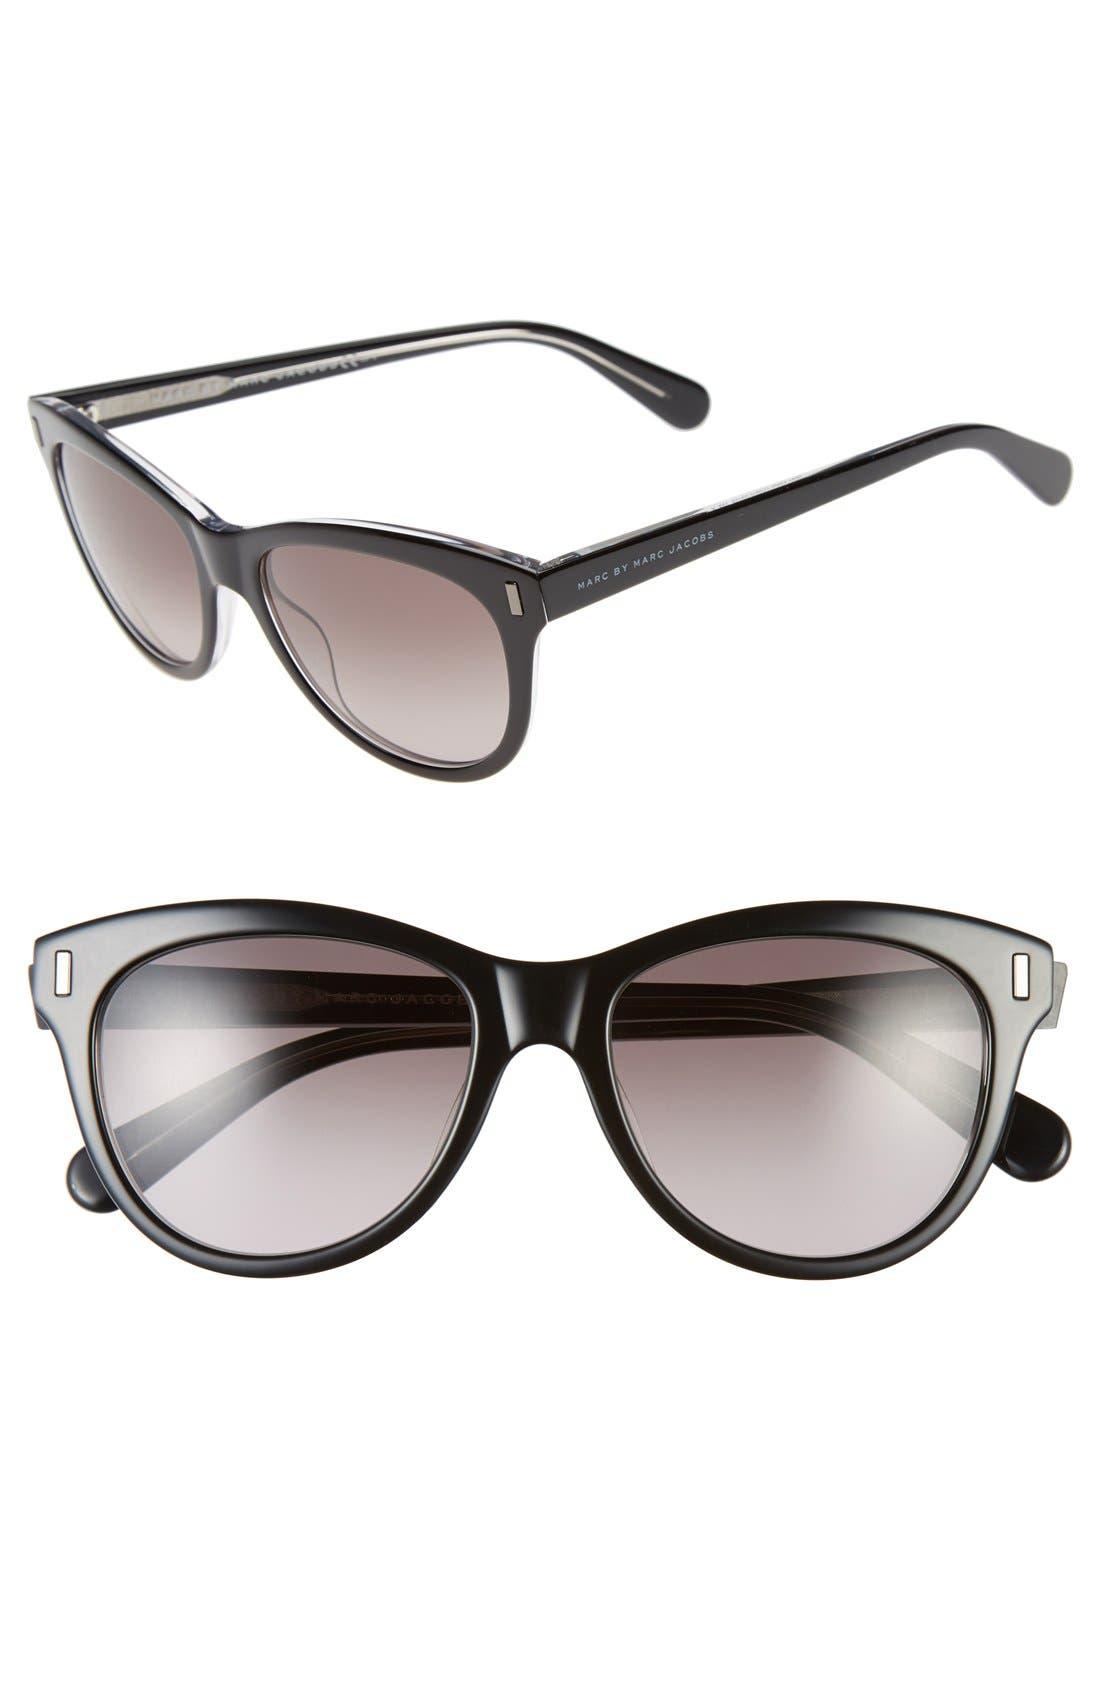 53mm Retro Sunglasses,                         Main,                         color, 001